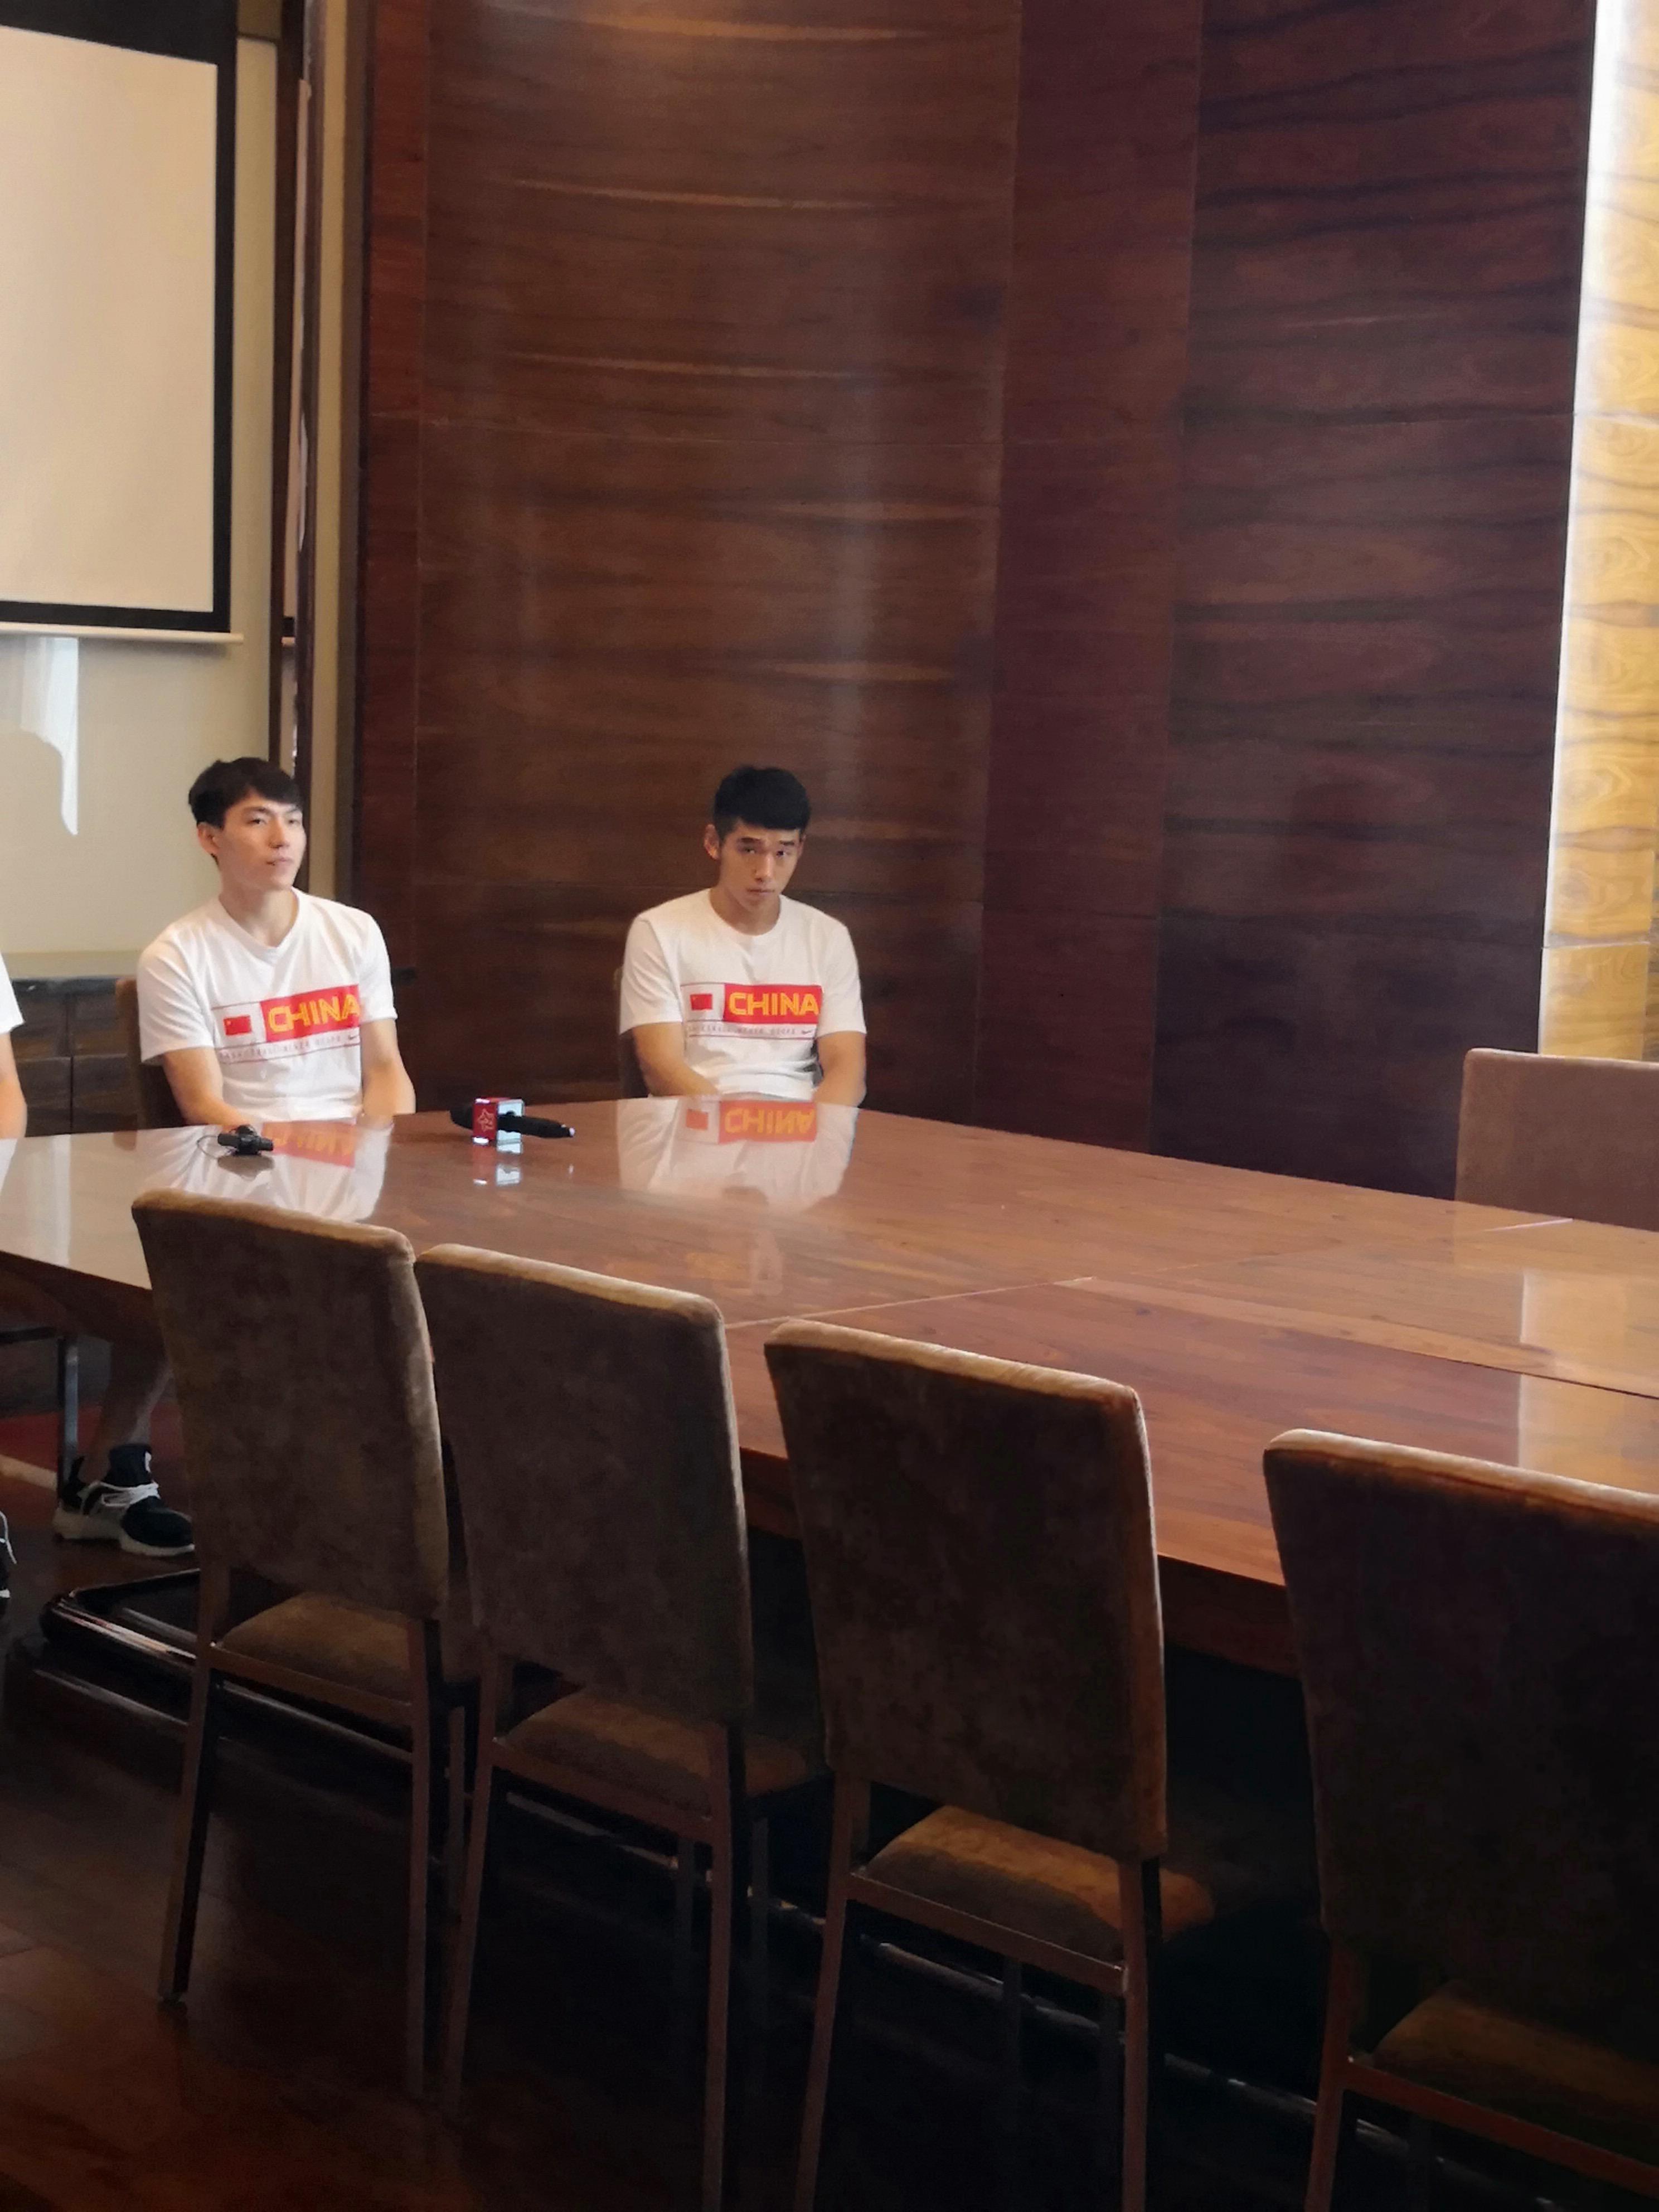 专访陆文博:杜锋在心理上帮我很多 把质疑换成动力